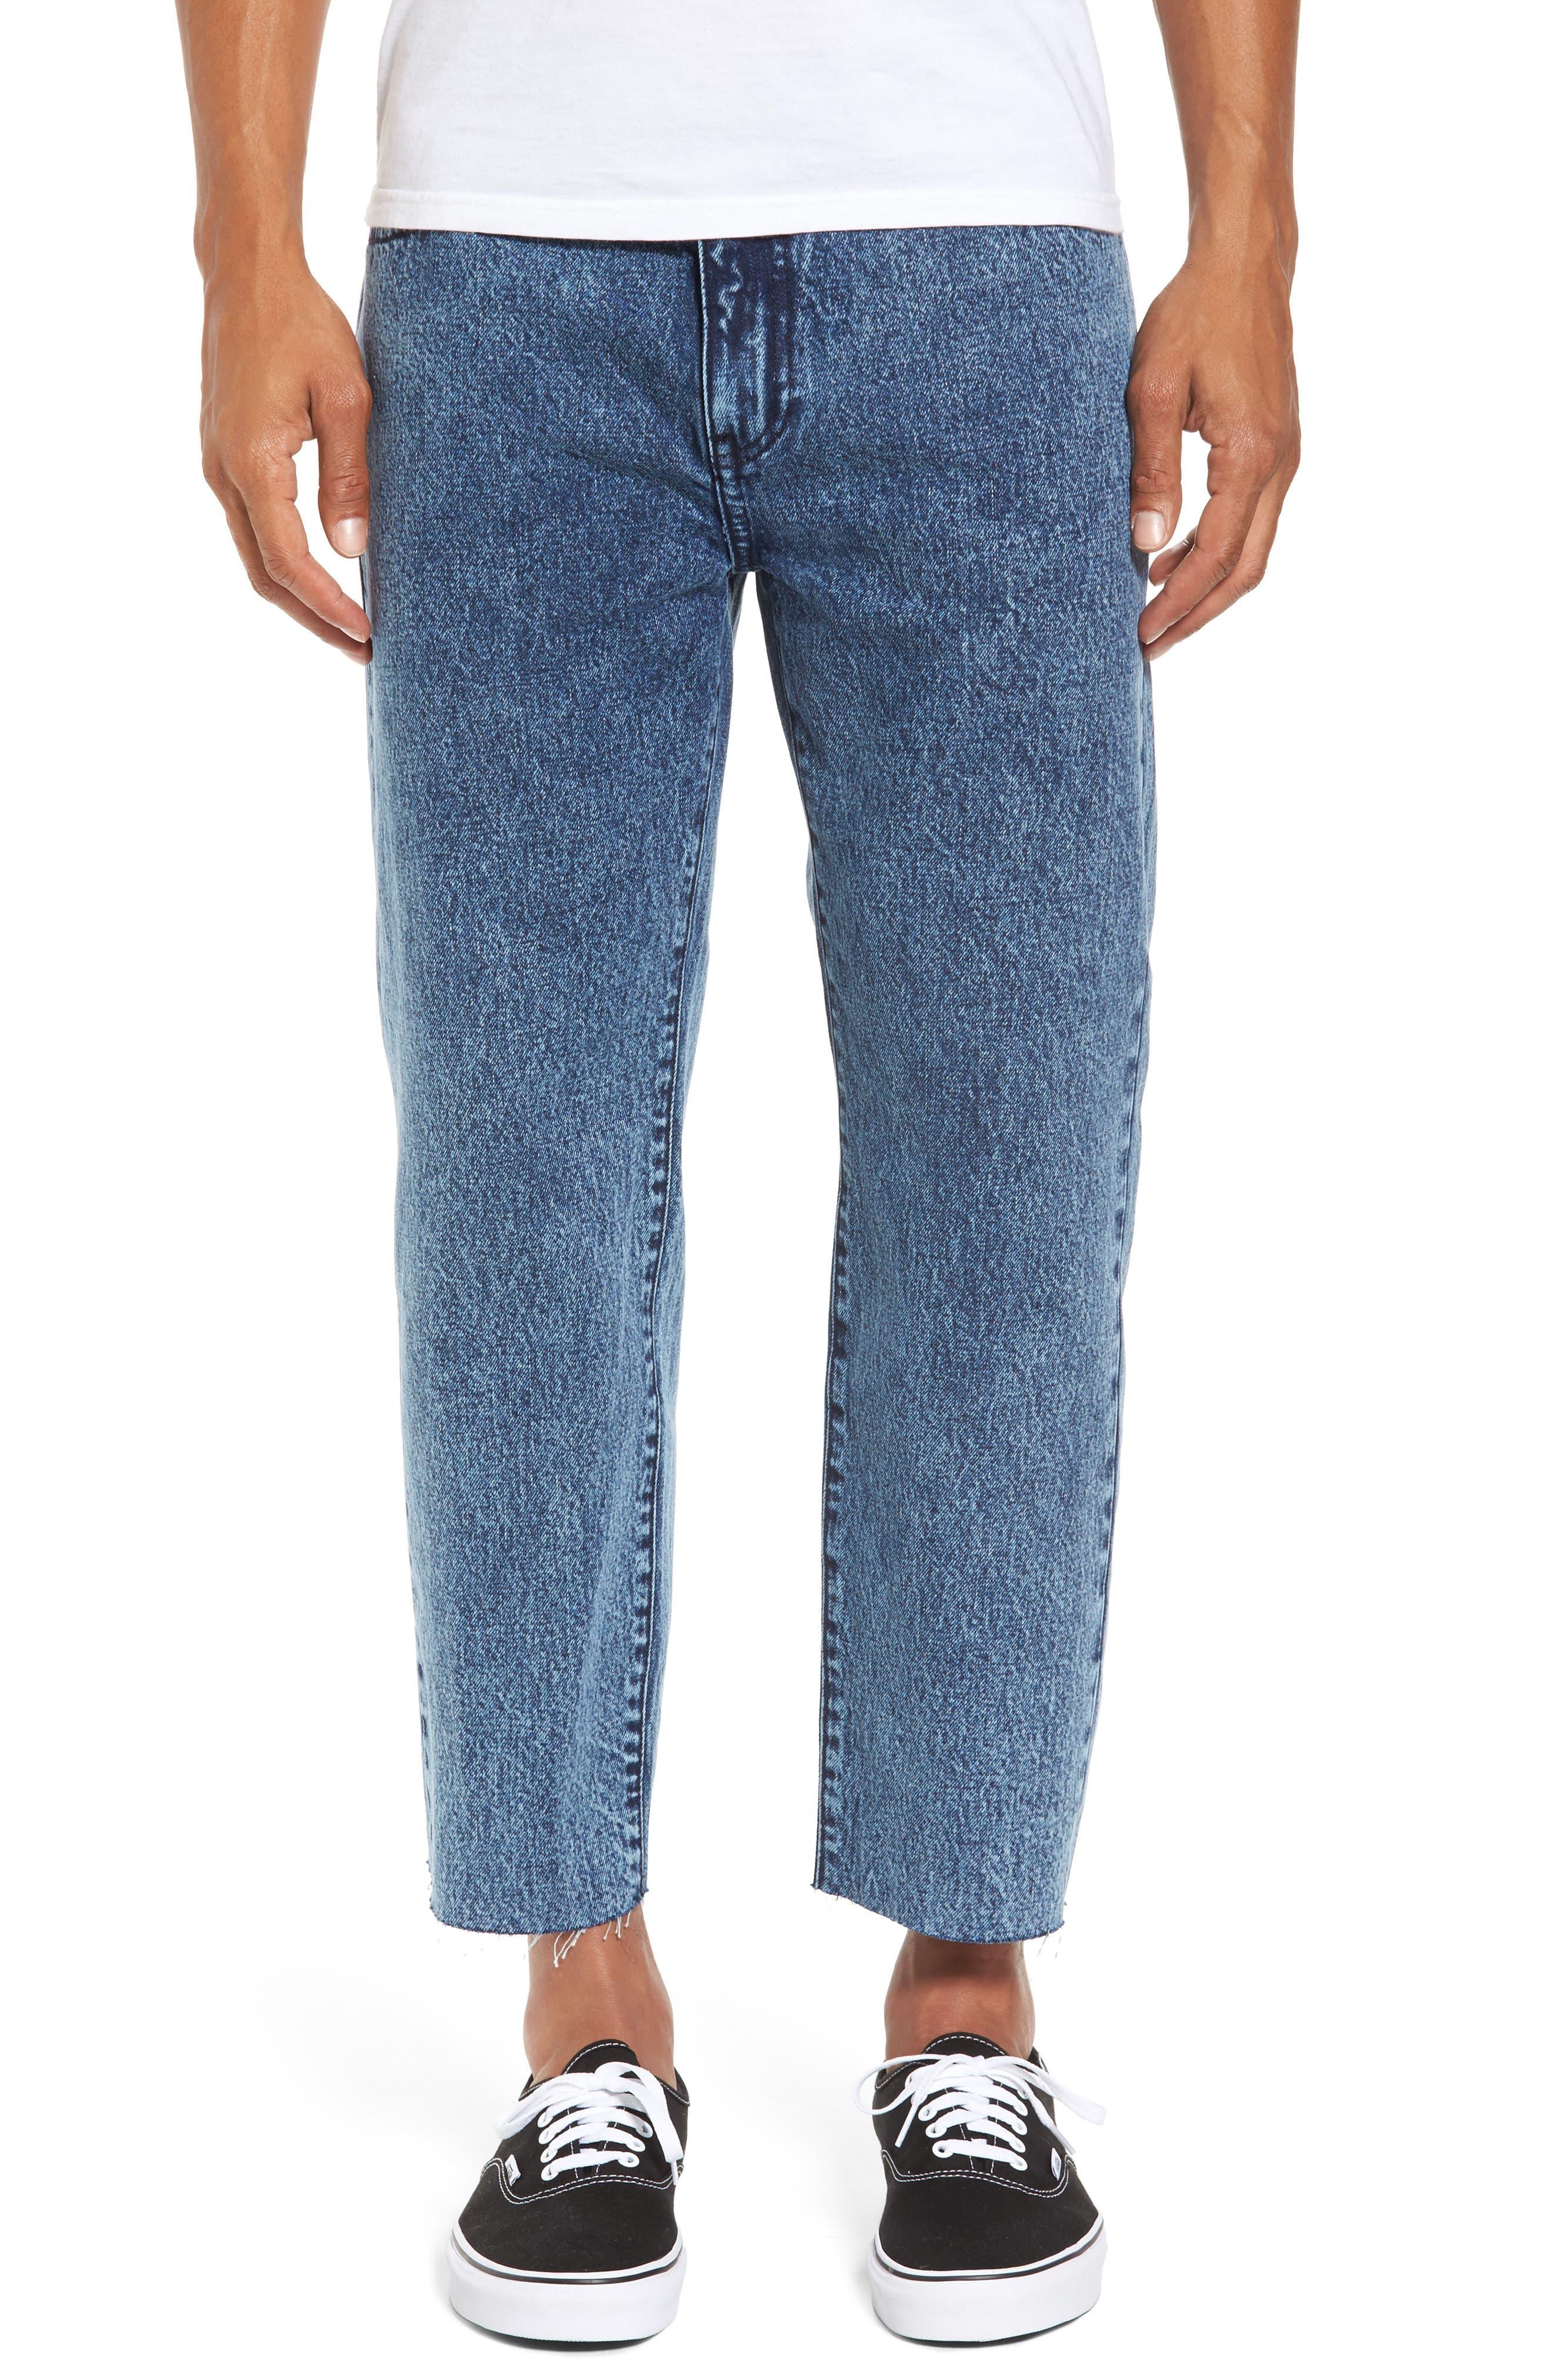 Otis Straight Fit Crop Jeans,                             Main thumbnail 1, color,                             400